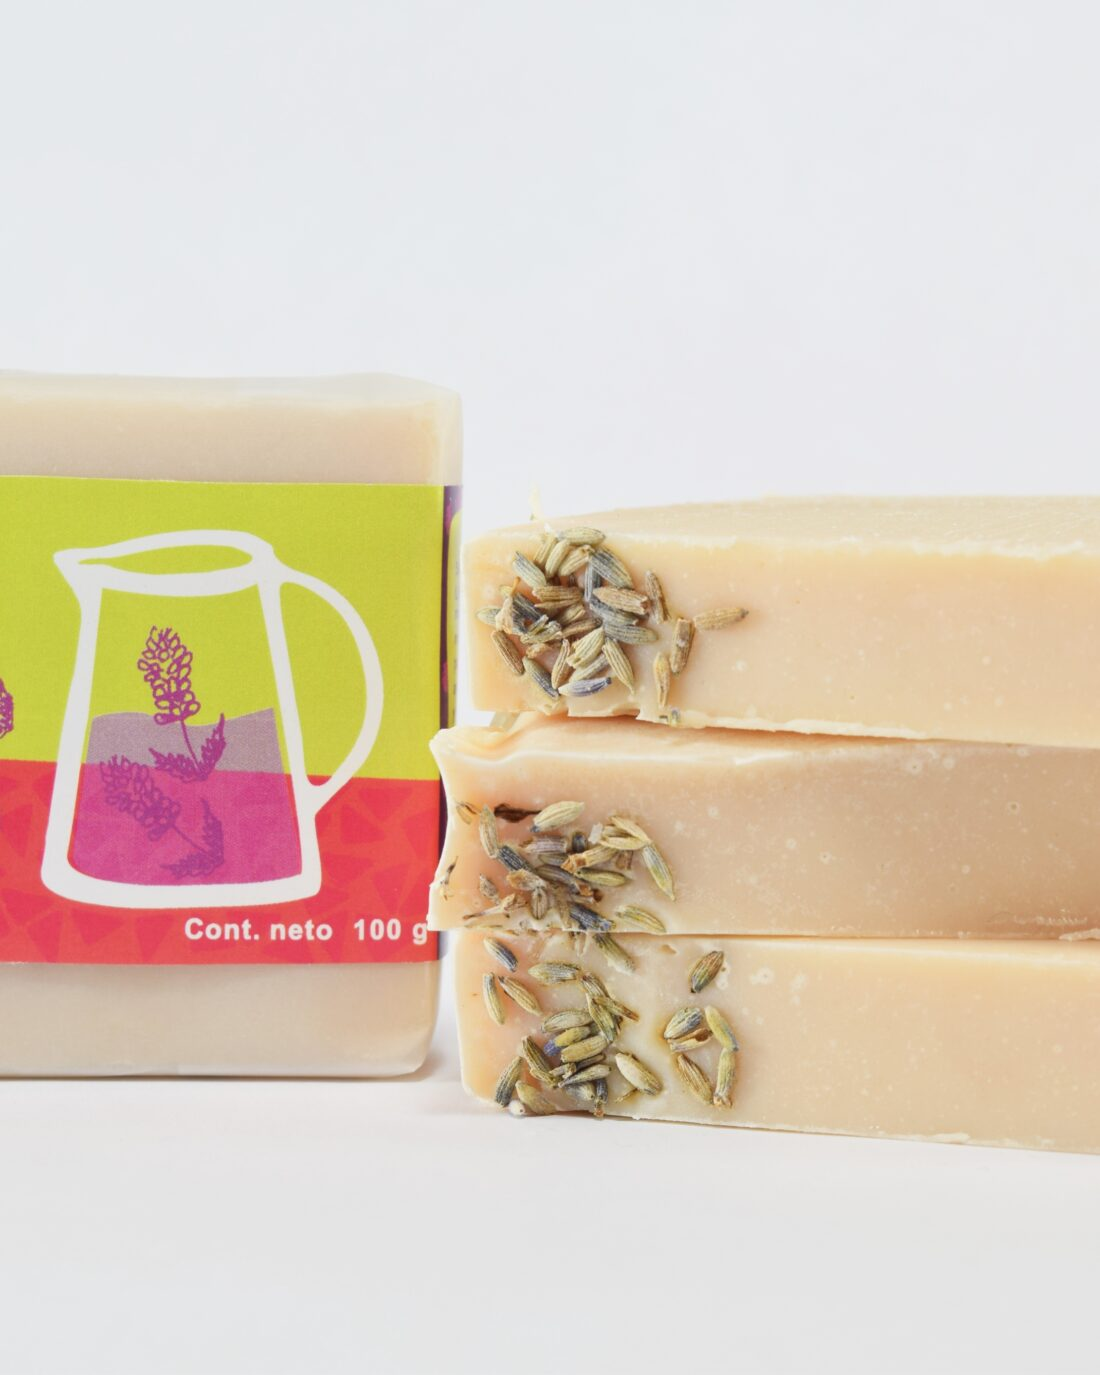 Este jabón quizá sea el mas aromático que tengas en tu casa por su toque floral de lavanda intensa por lo que al usarlo el primer beneficio es relajación en la ducha.Es un jabón para manos y cuerpo, diseñado con aceites de olivo y coco ideales para nutrir y suavizarla piel.Nos encanta su aroma, forma y empaque que podríamos tenerlo en casa de decoracióno para regalar.Esta elaborado por el antiguo métodoartesanalsaponificación en frío.